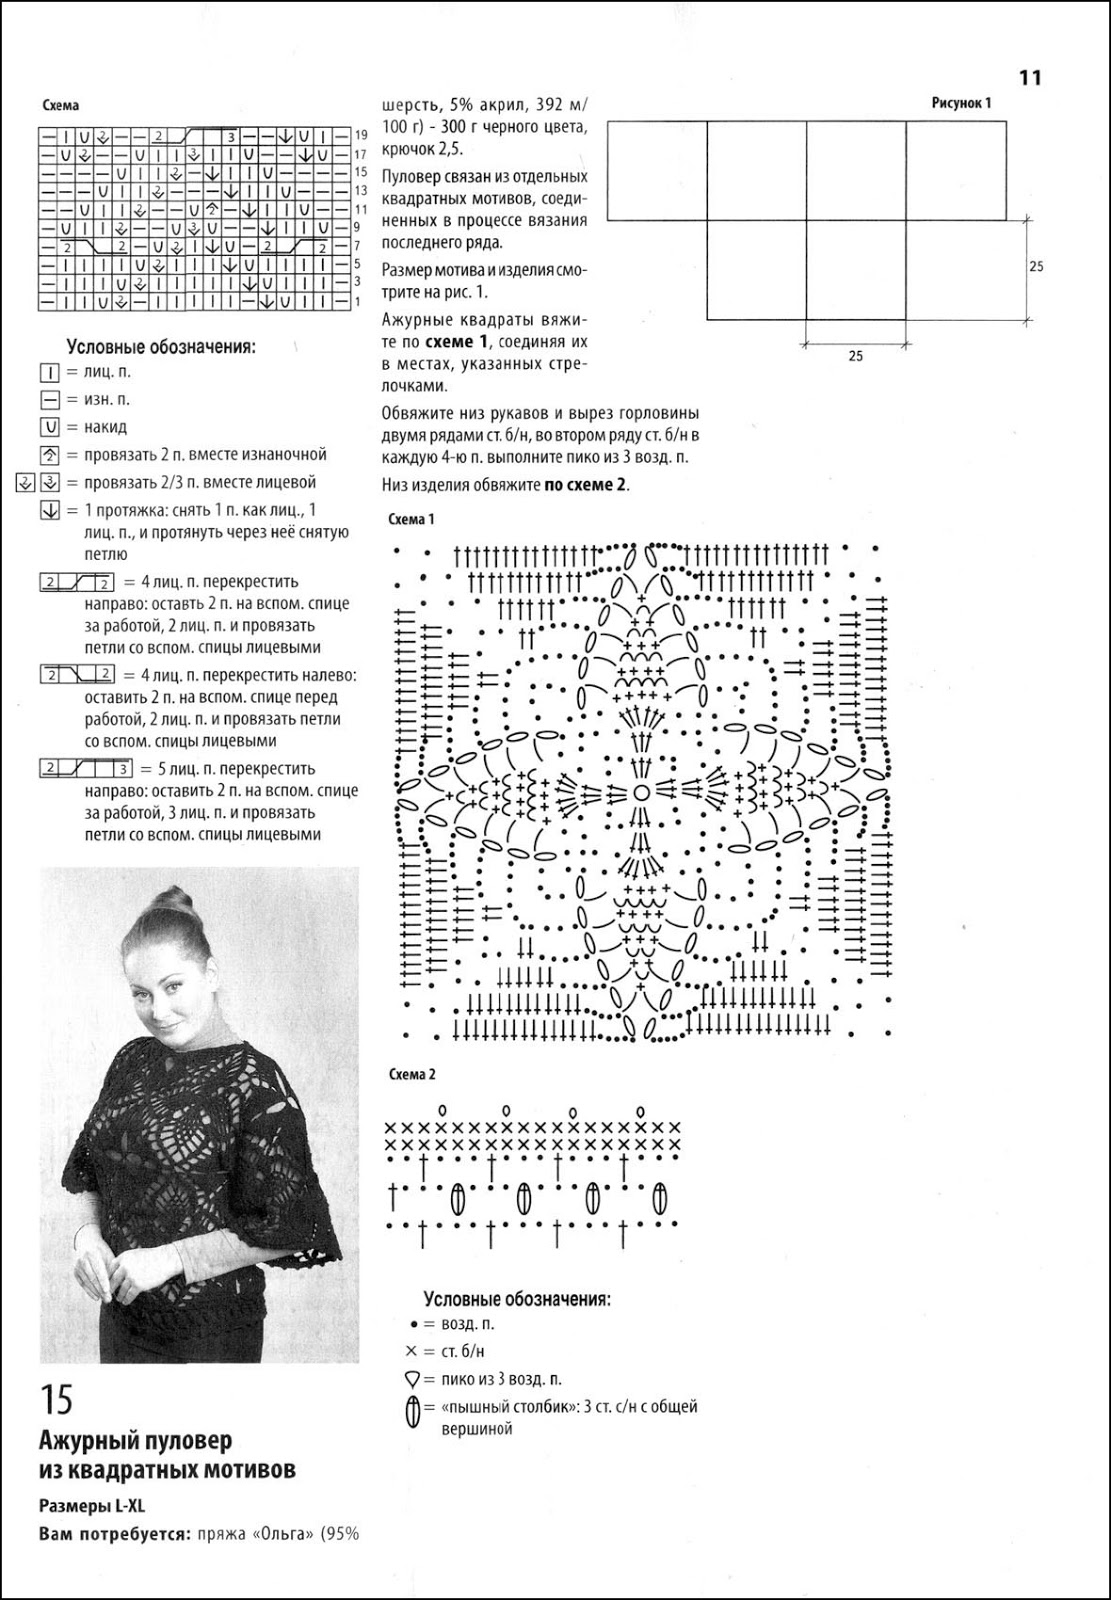 Вязание квадратных мотивов спицами